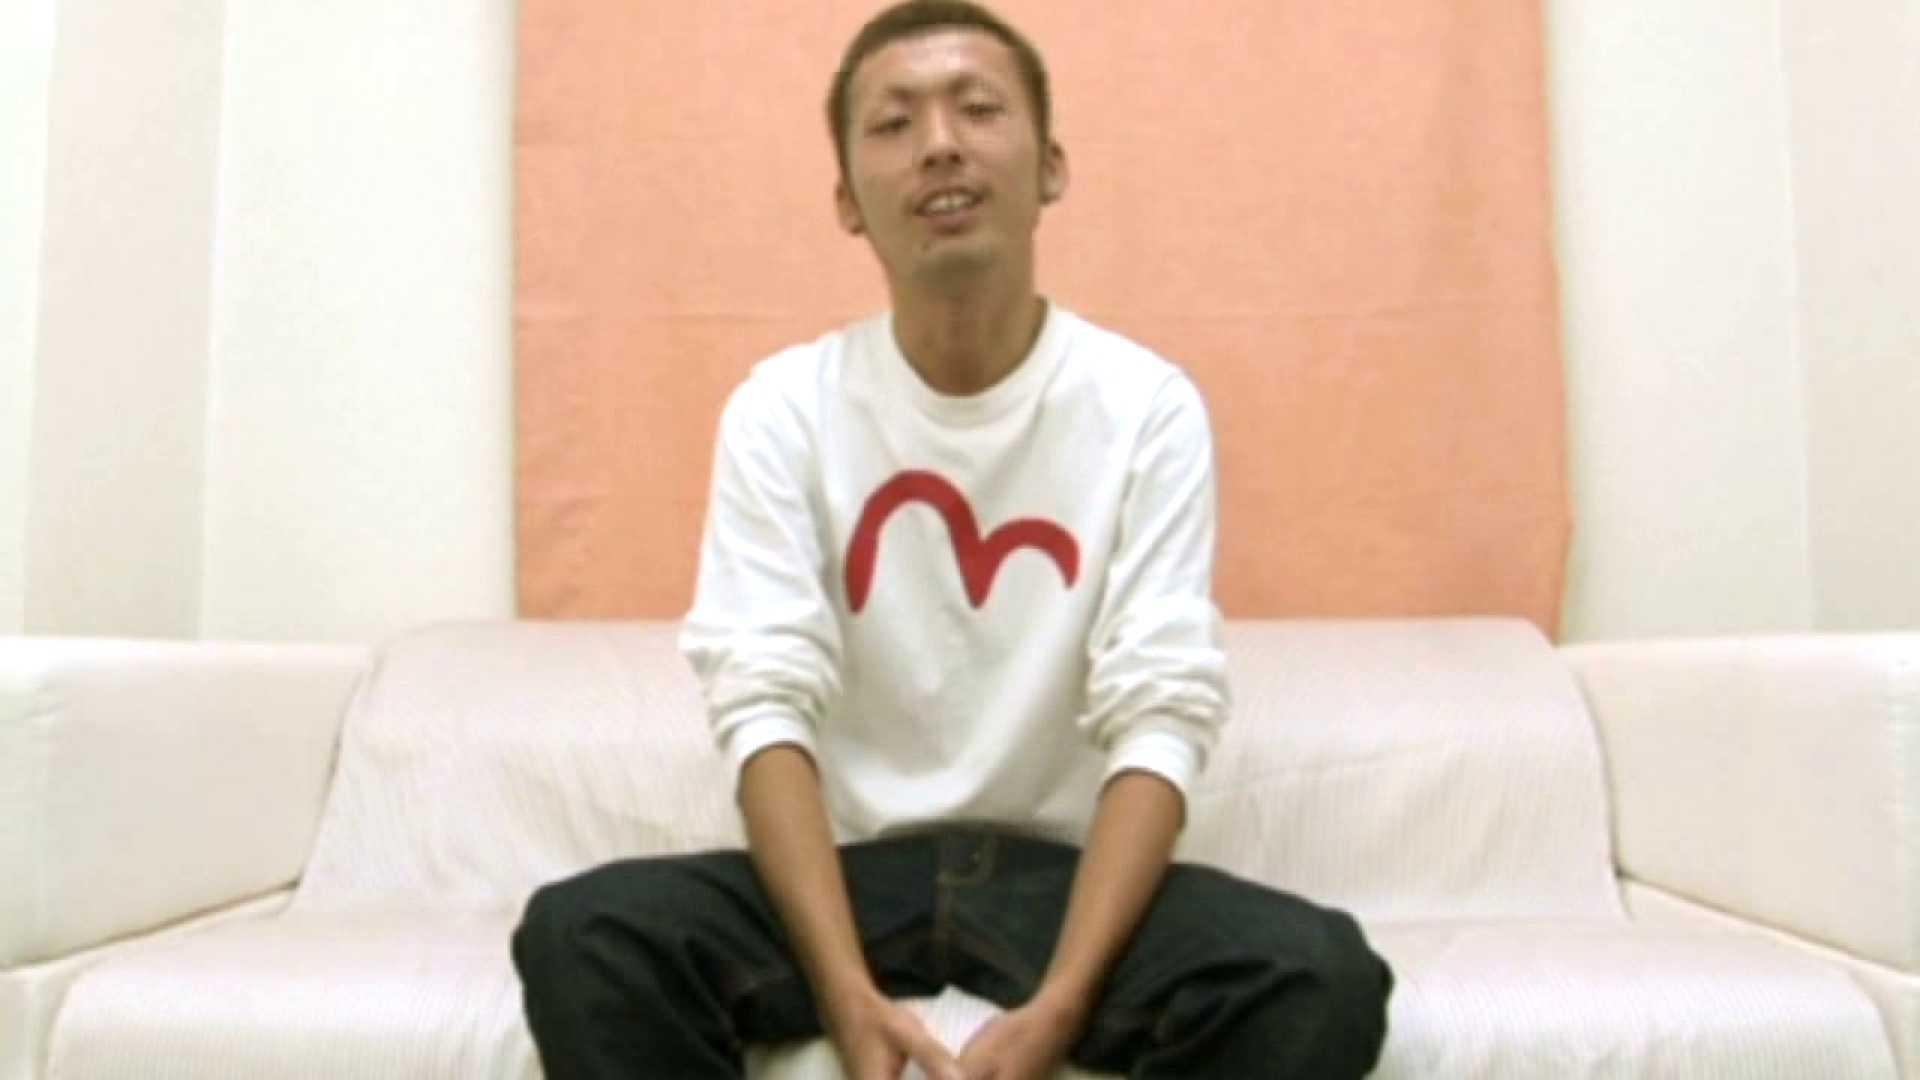 ノンケ!自慰スタジオ No.11 オナニー アダルトビデオ画像キャプチャ 88枚 35